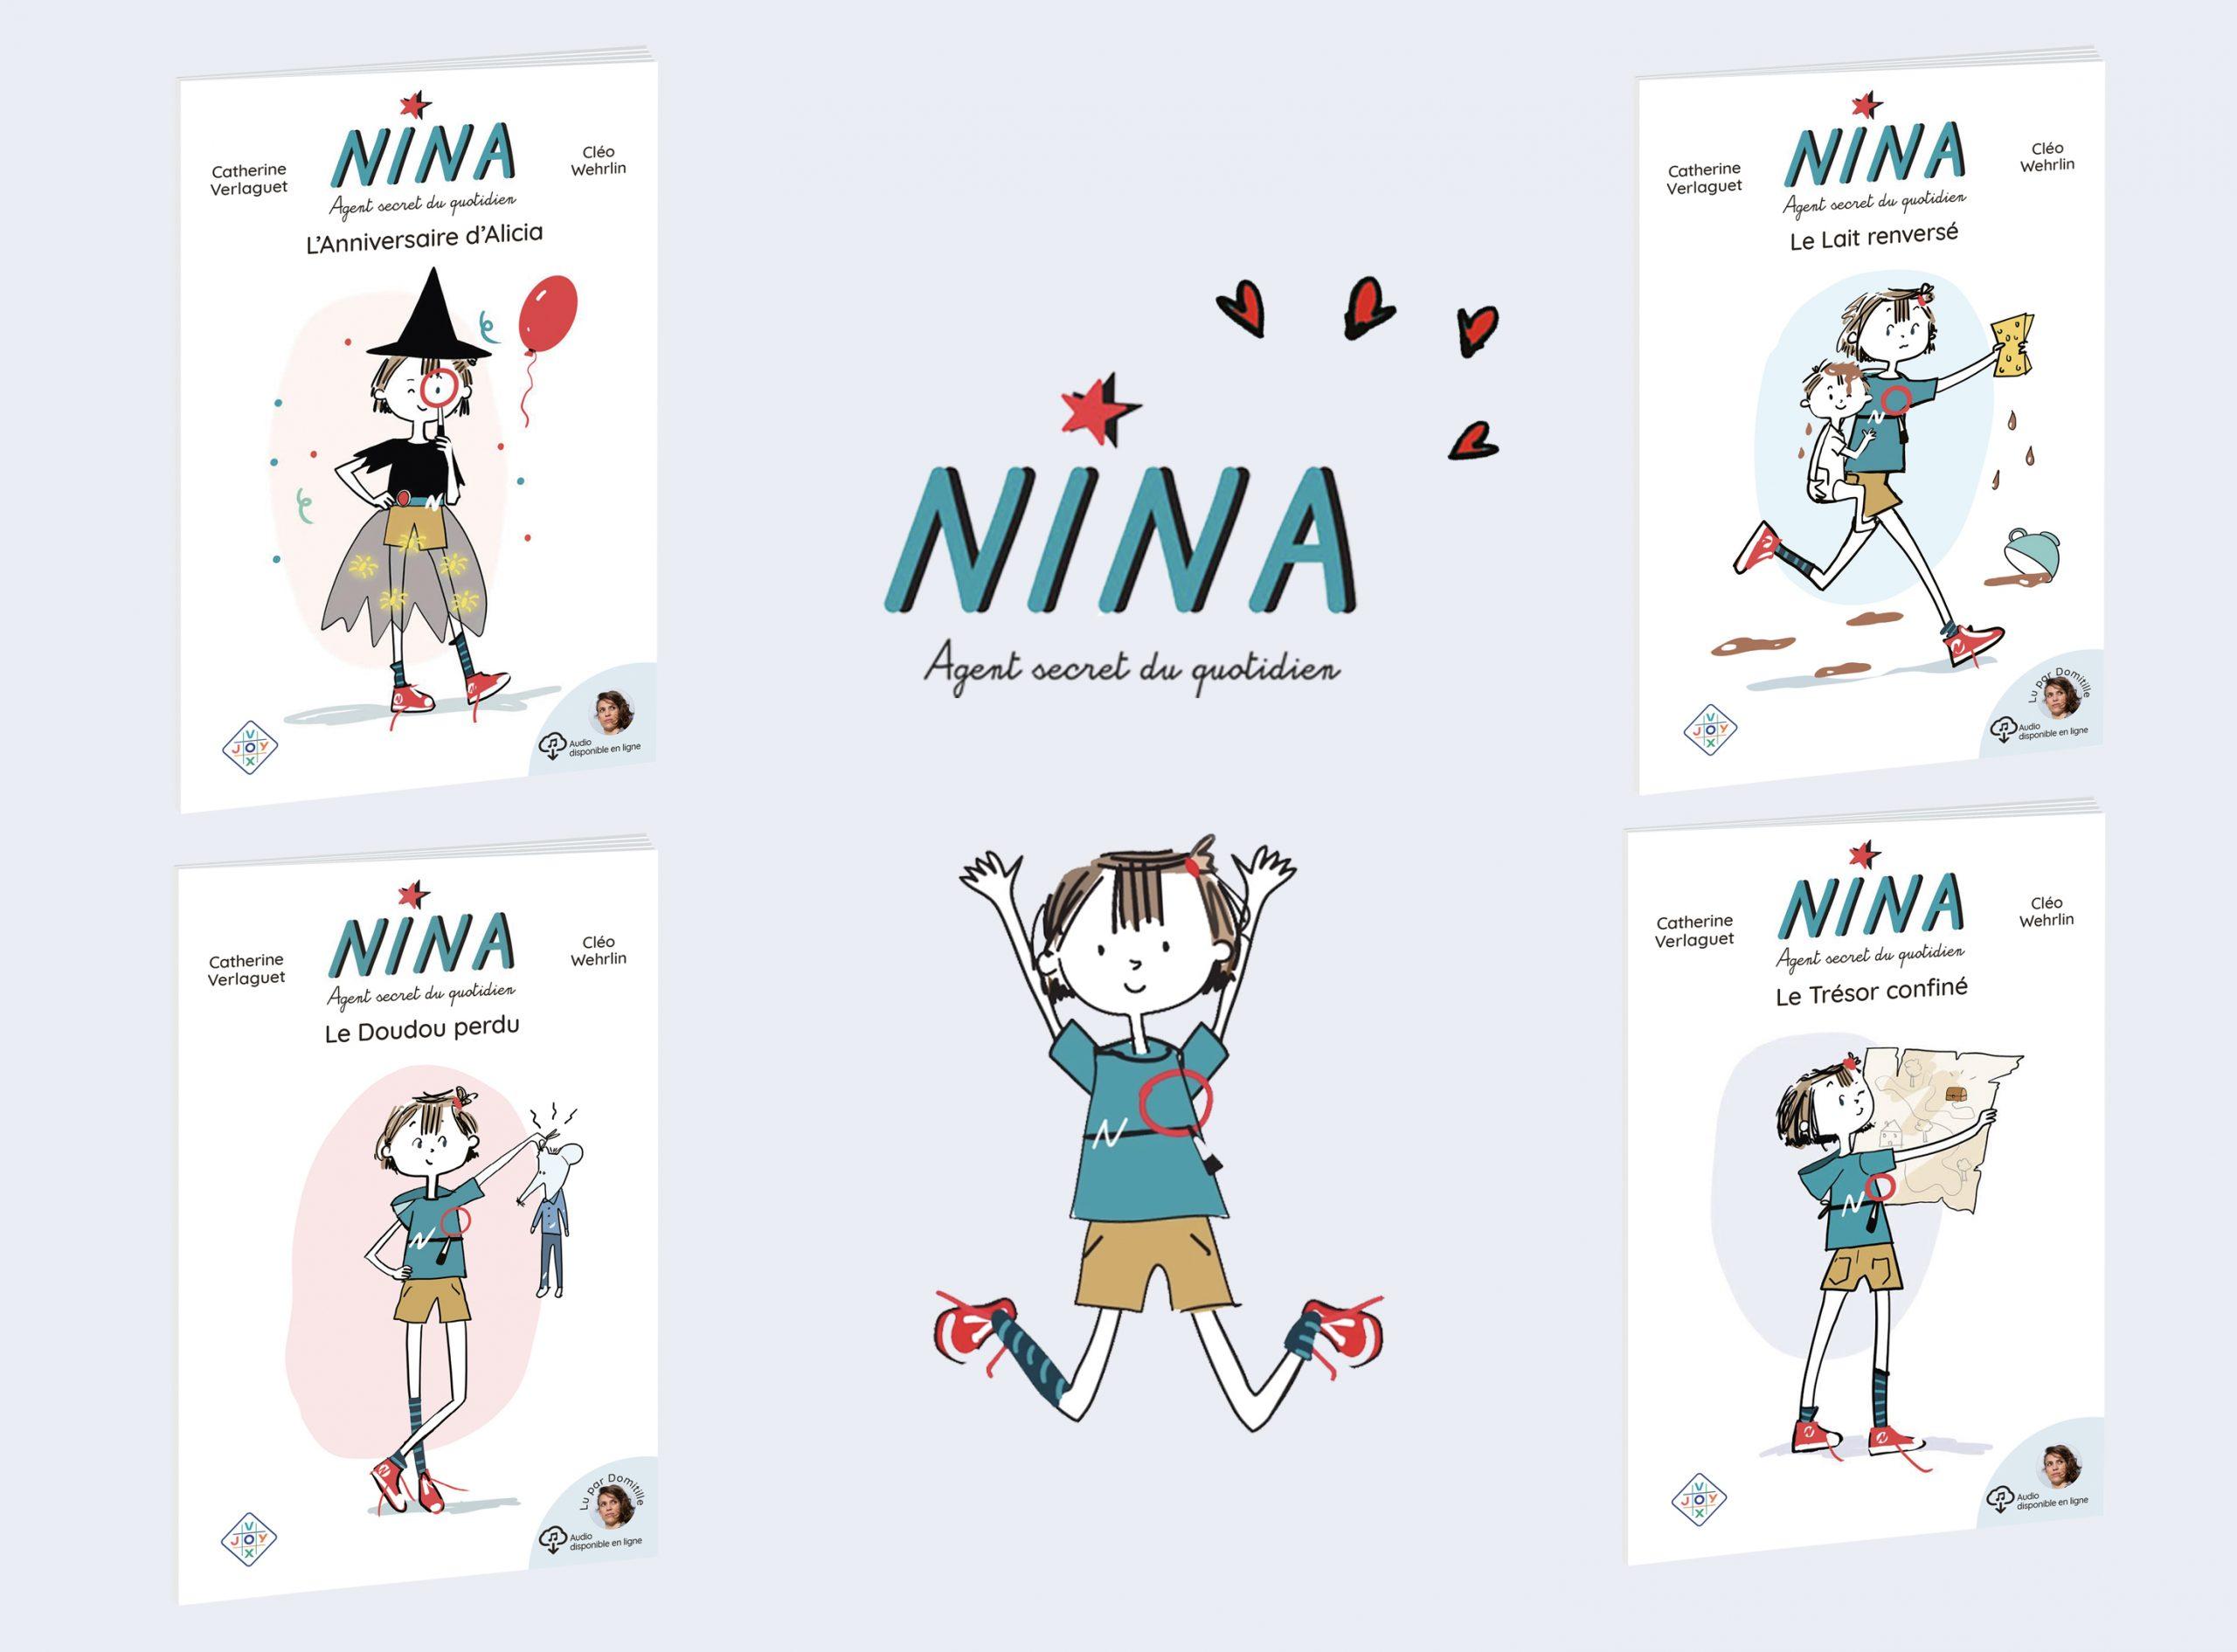 Les Nina